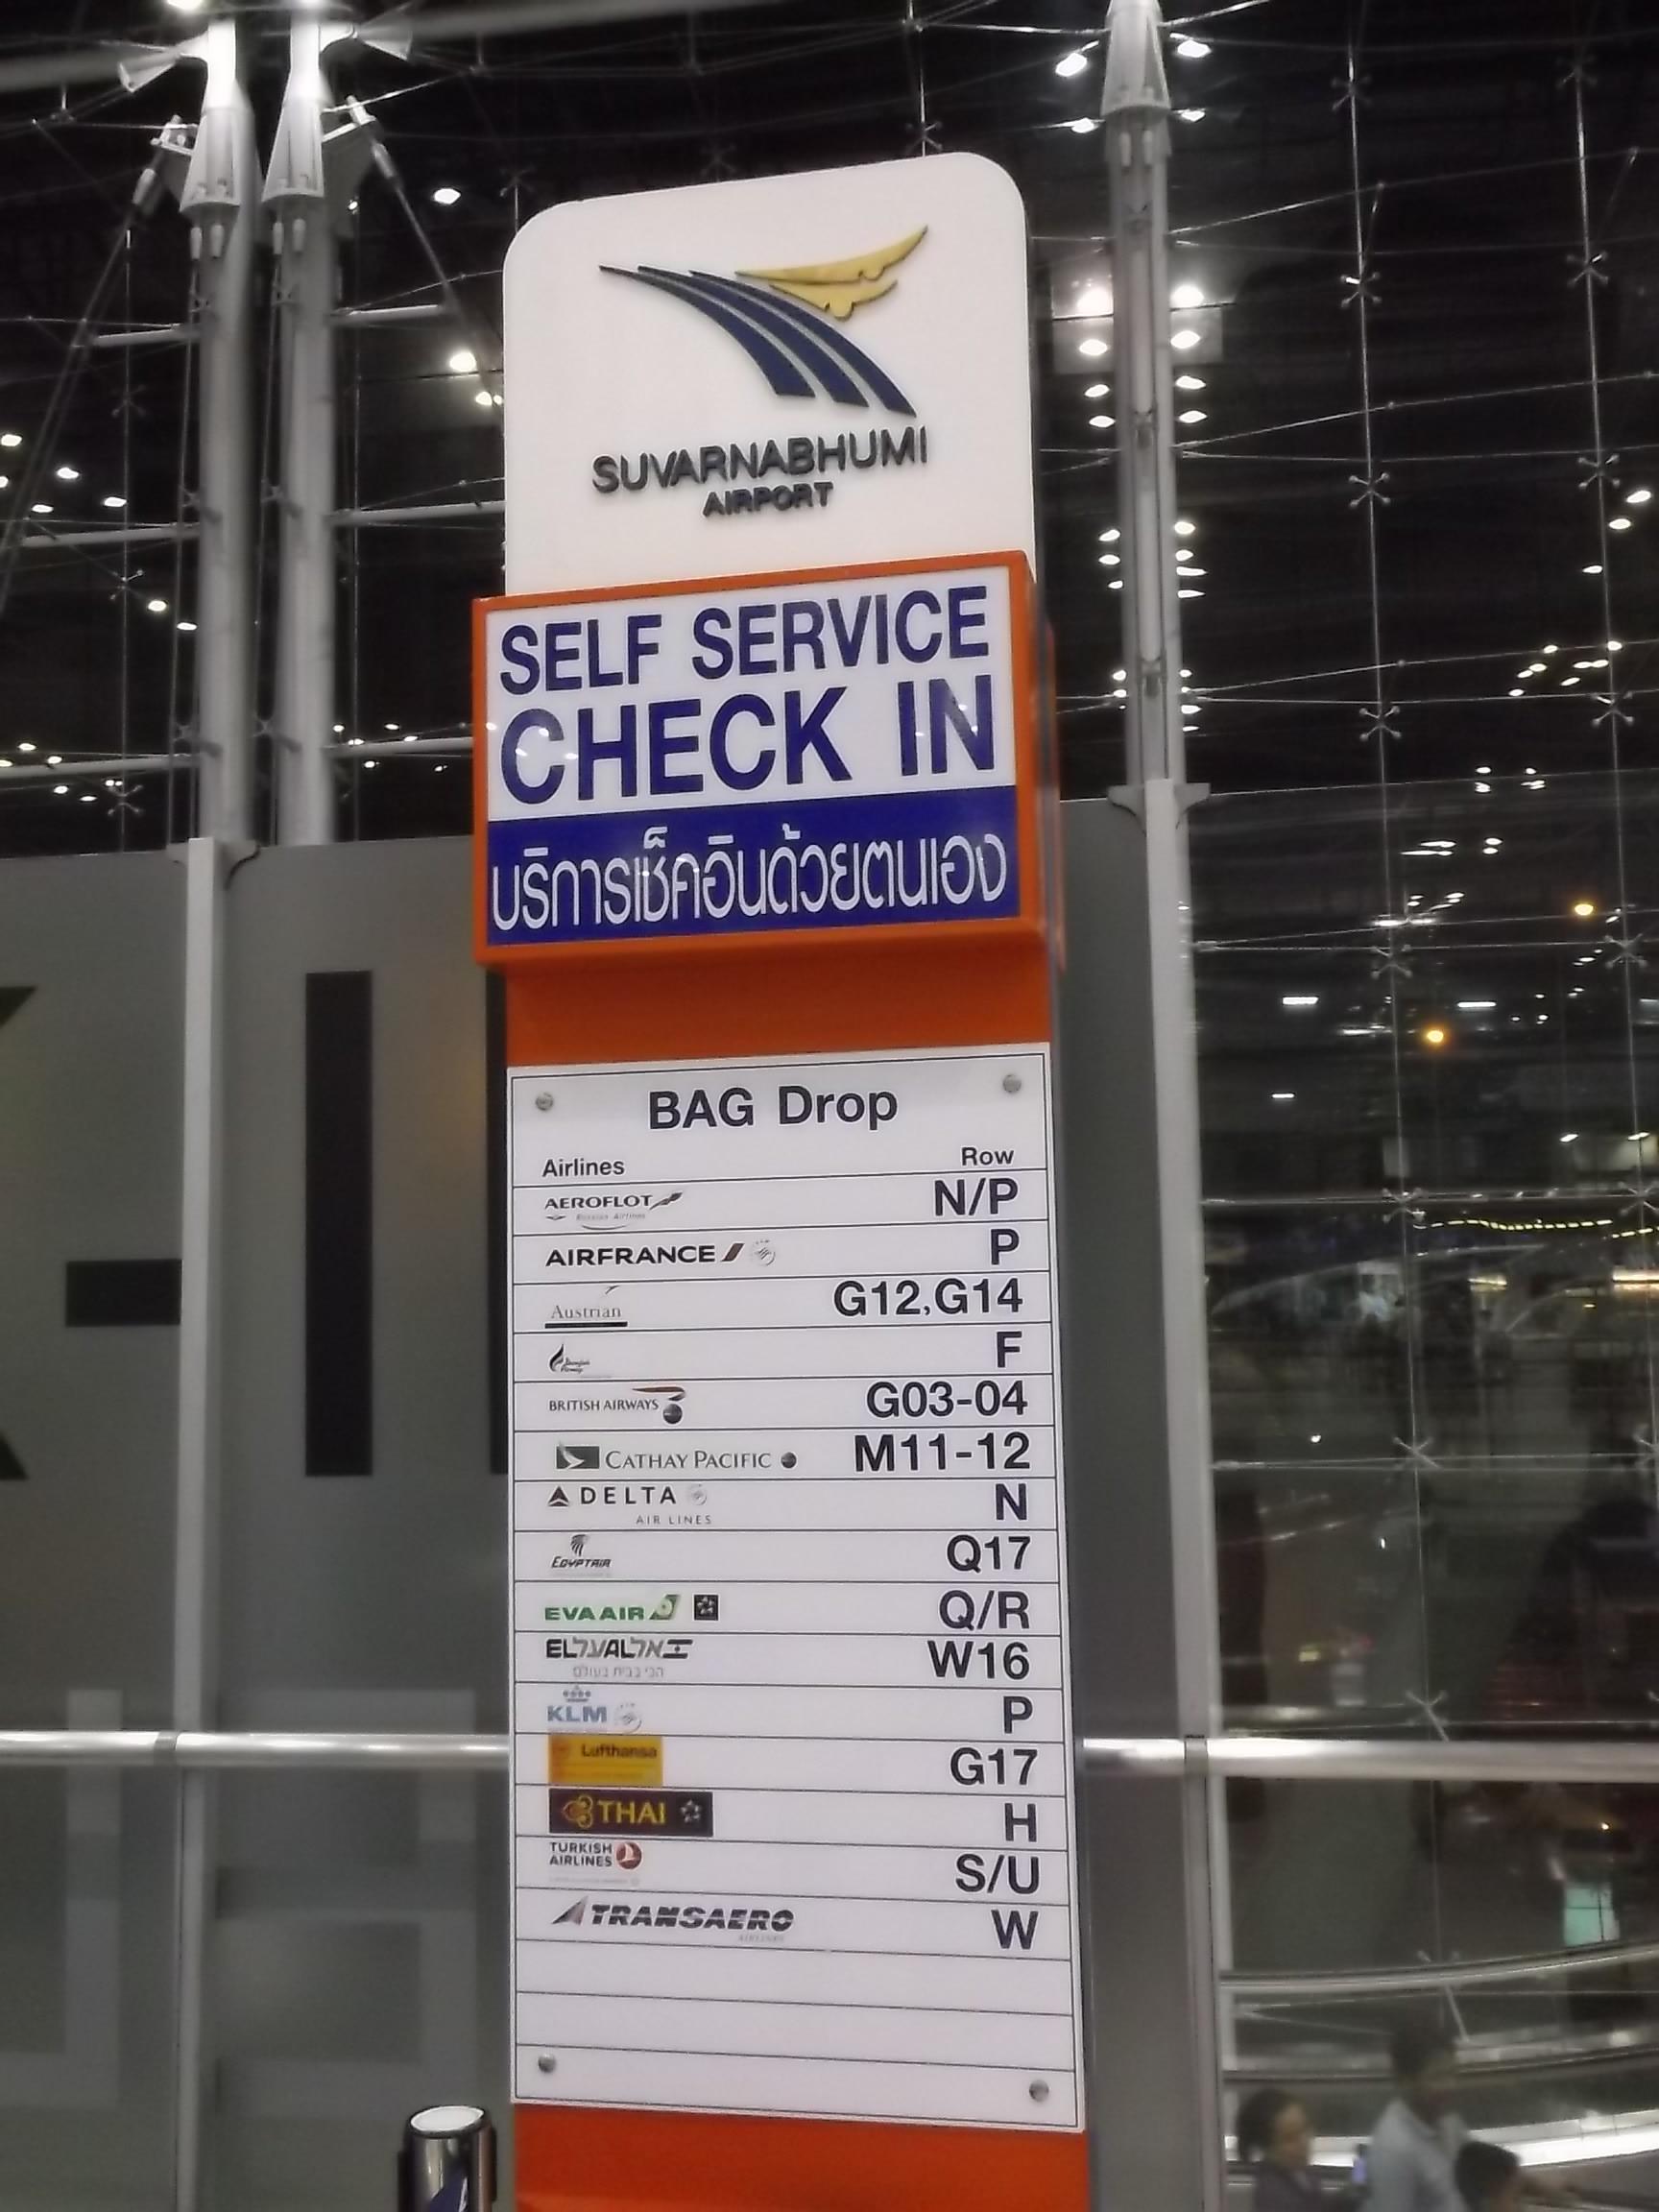 スワンナプーム空港の新兵器:共同自動チェックイン機